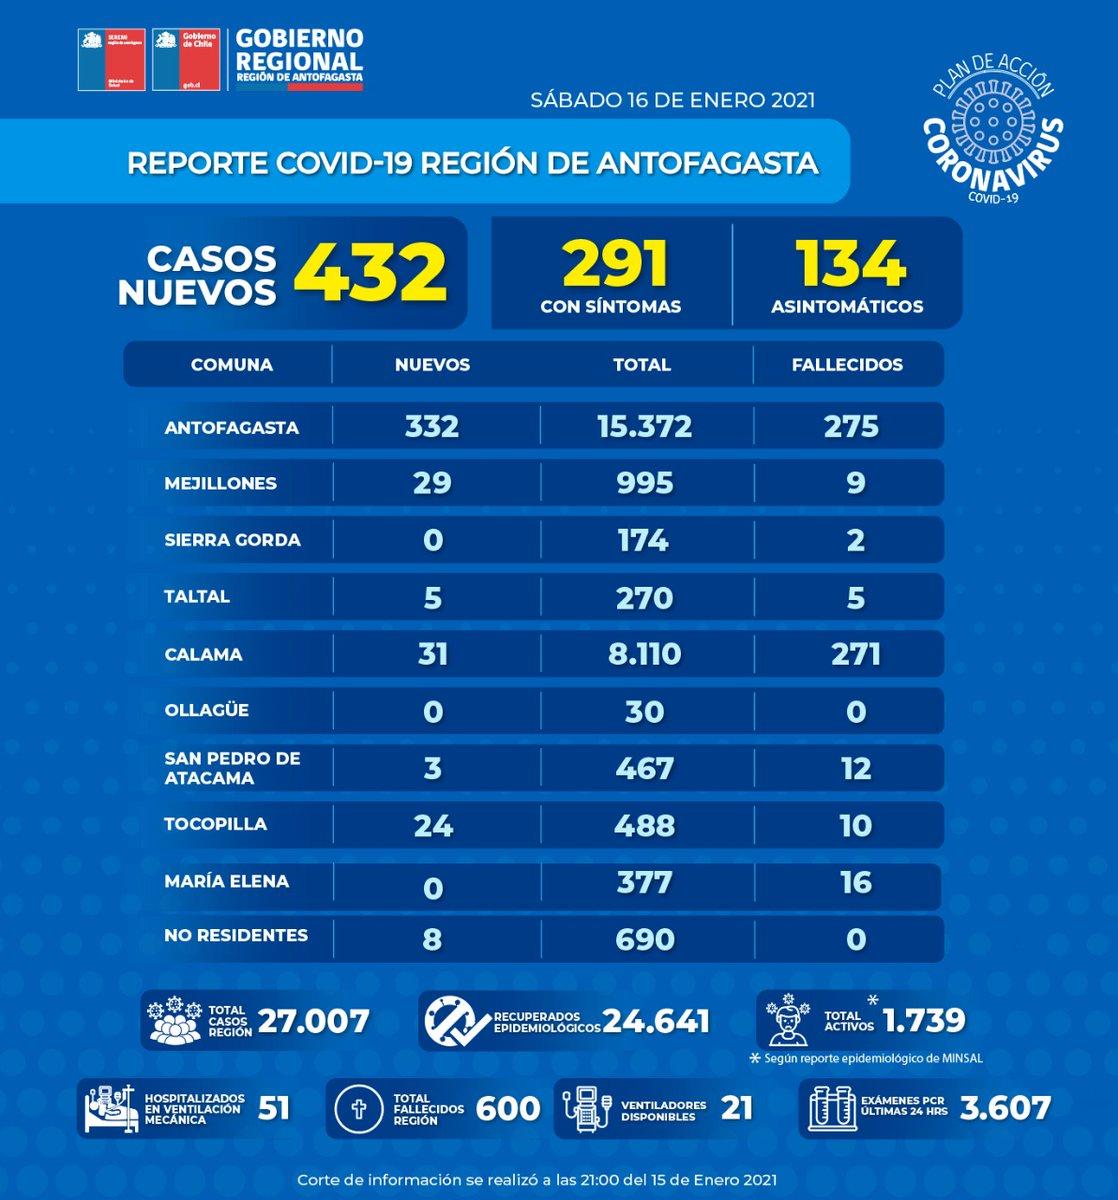 Región #Antofagasta informa hoy la cifra + alta d nuevos casos #Covid_19 dsd inicio d la pandemia.  De los 171 pacientes hospitalizados, 145 están en la capital regional,22 en #Calama, 3 en #Tocopilla y 1 en #Mejillones. En UCI: 56 Con vent. mecánica: Antof 44, Calama 7. 1/2 ⬇️ https://t.co/7sqXEcNf2K